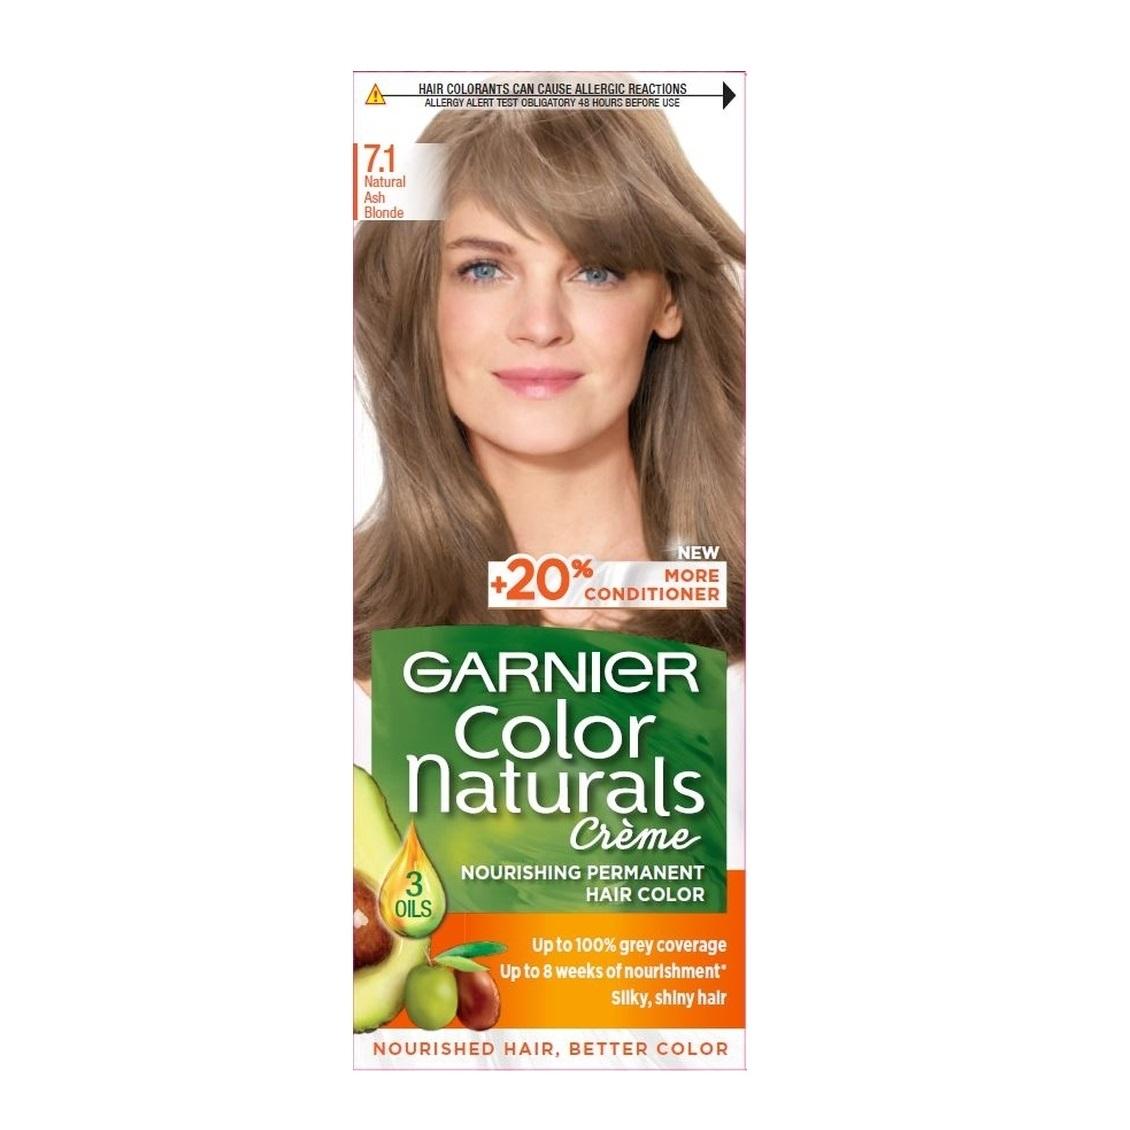 کیت رنگ مو گارنیر سری Color Naturals شماره 7.1